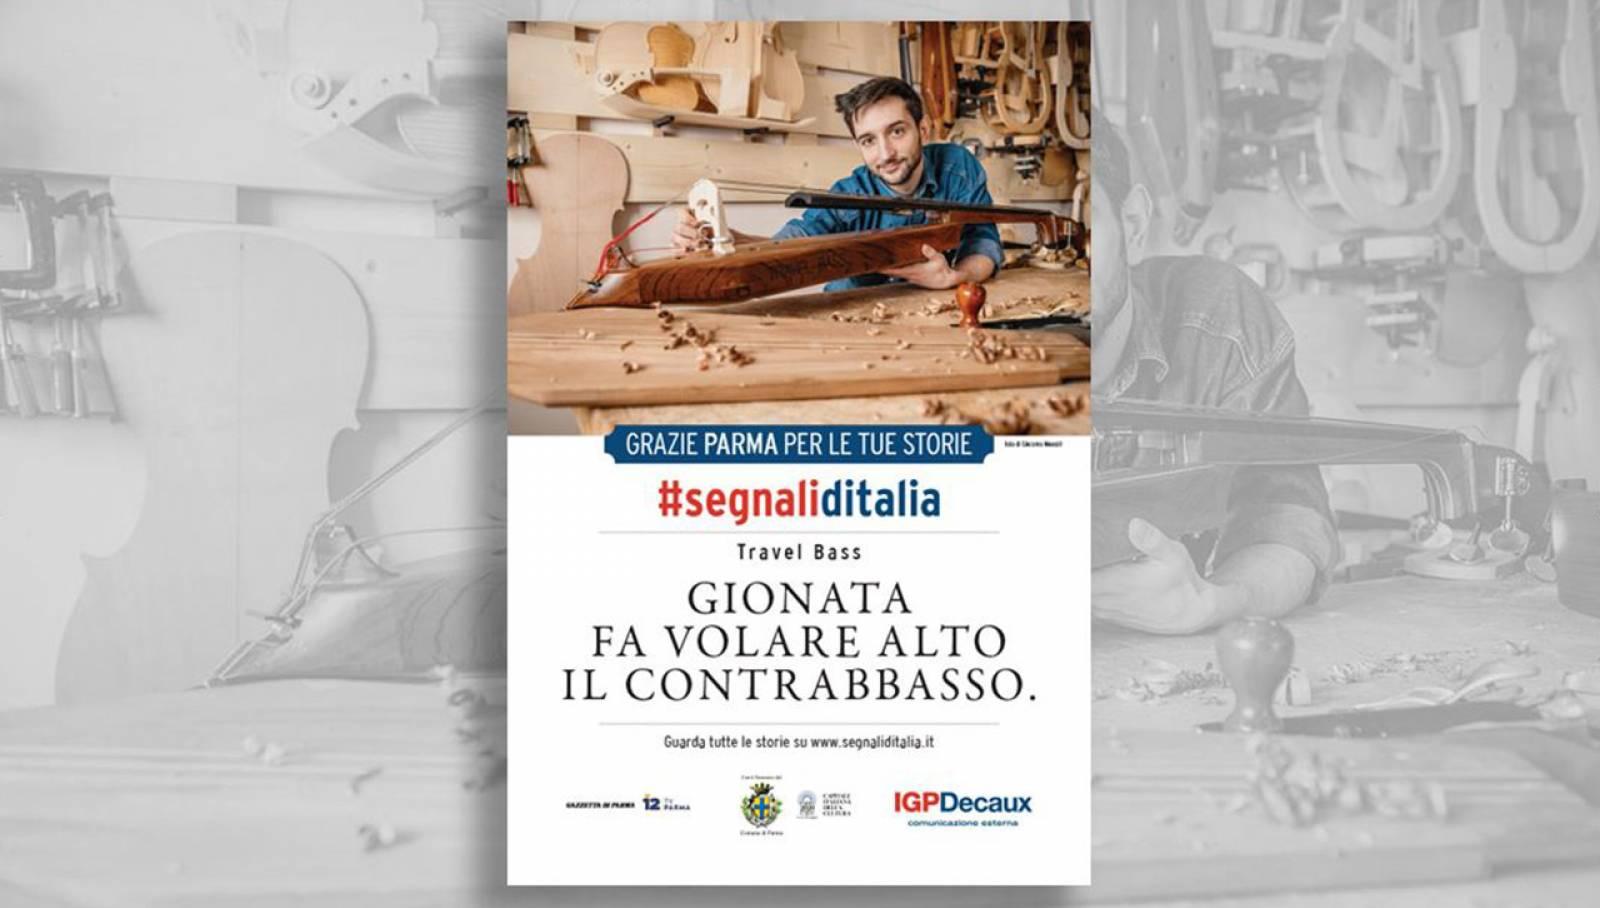 Segnali d'Italia Parma campagna di ringraziamento IGPDecaux